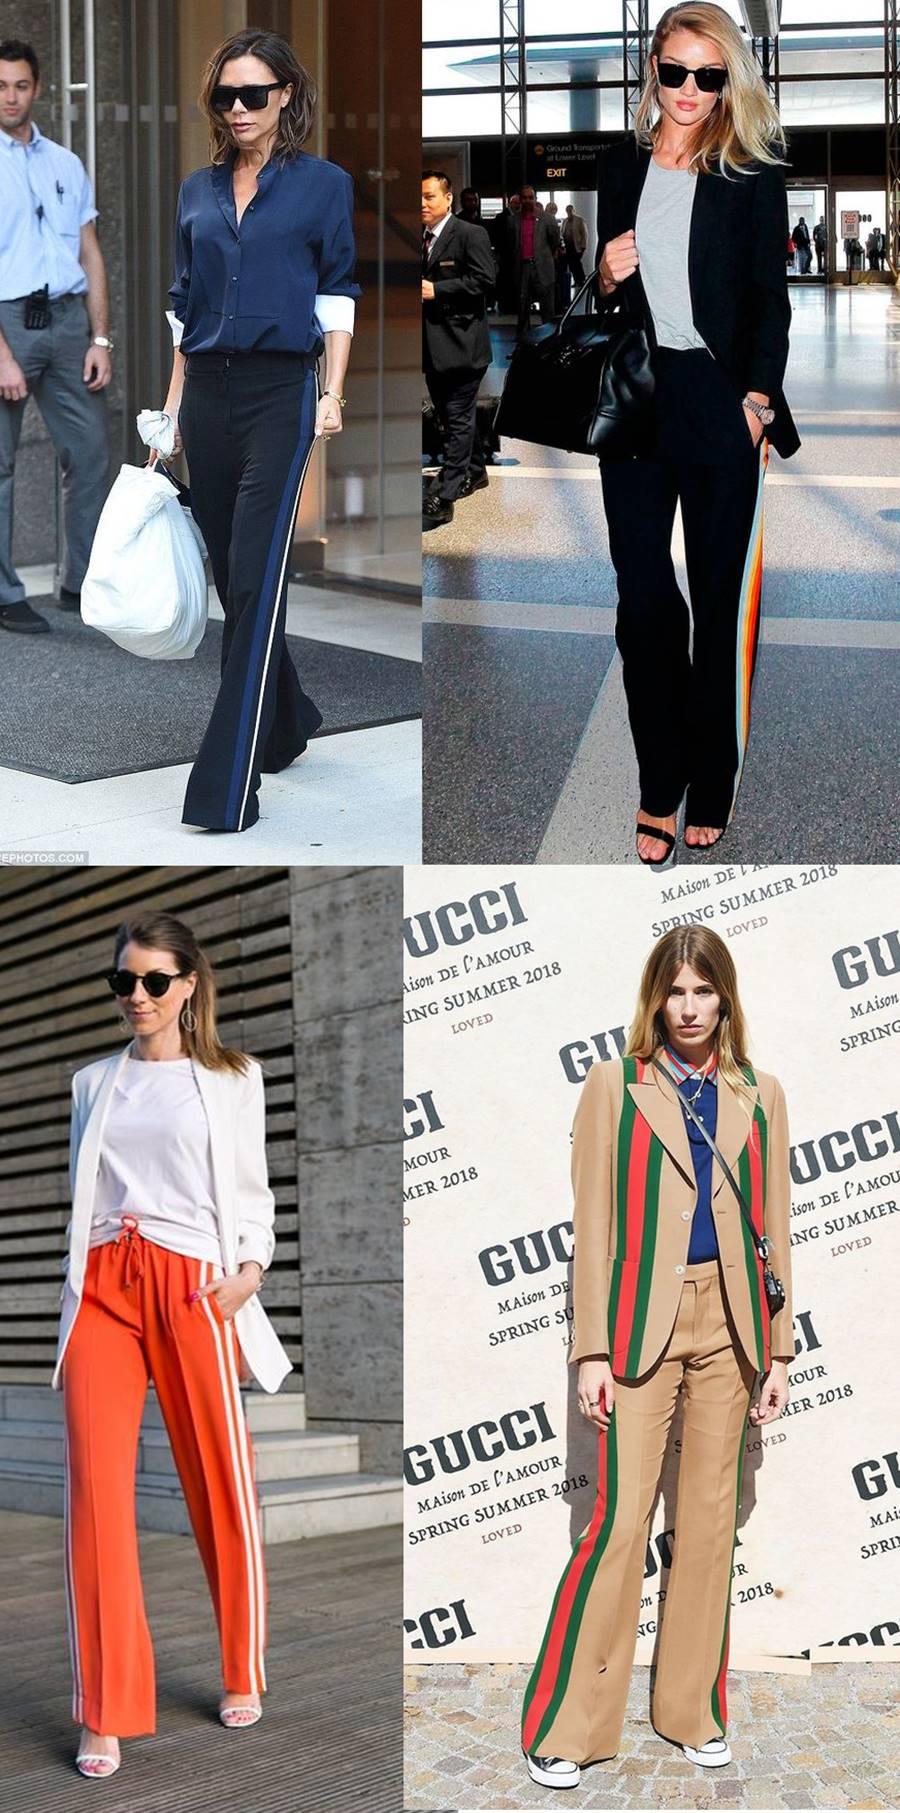 Nos looks mais streetstyle já fica mais fácil de combinar sua calça com listra  lateral e deixar o look confortável e fashionista. Dá pra usar  transparência 05e707d756af3